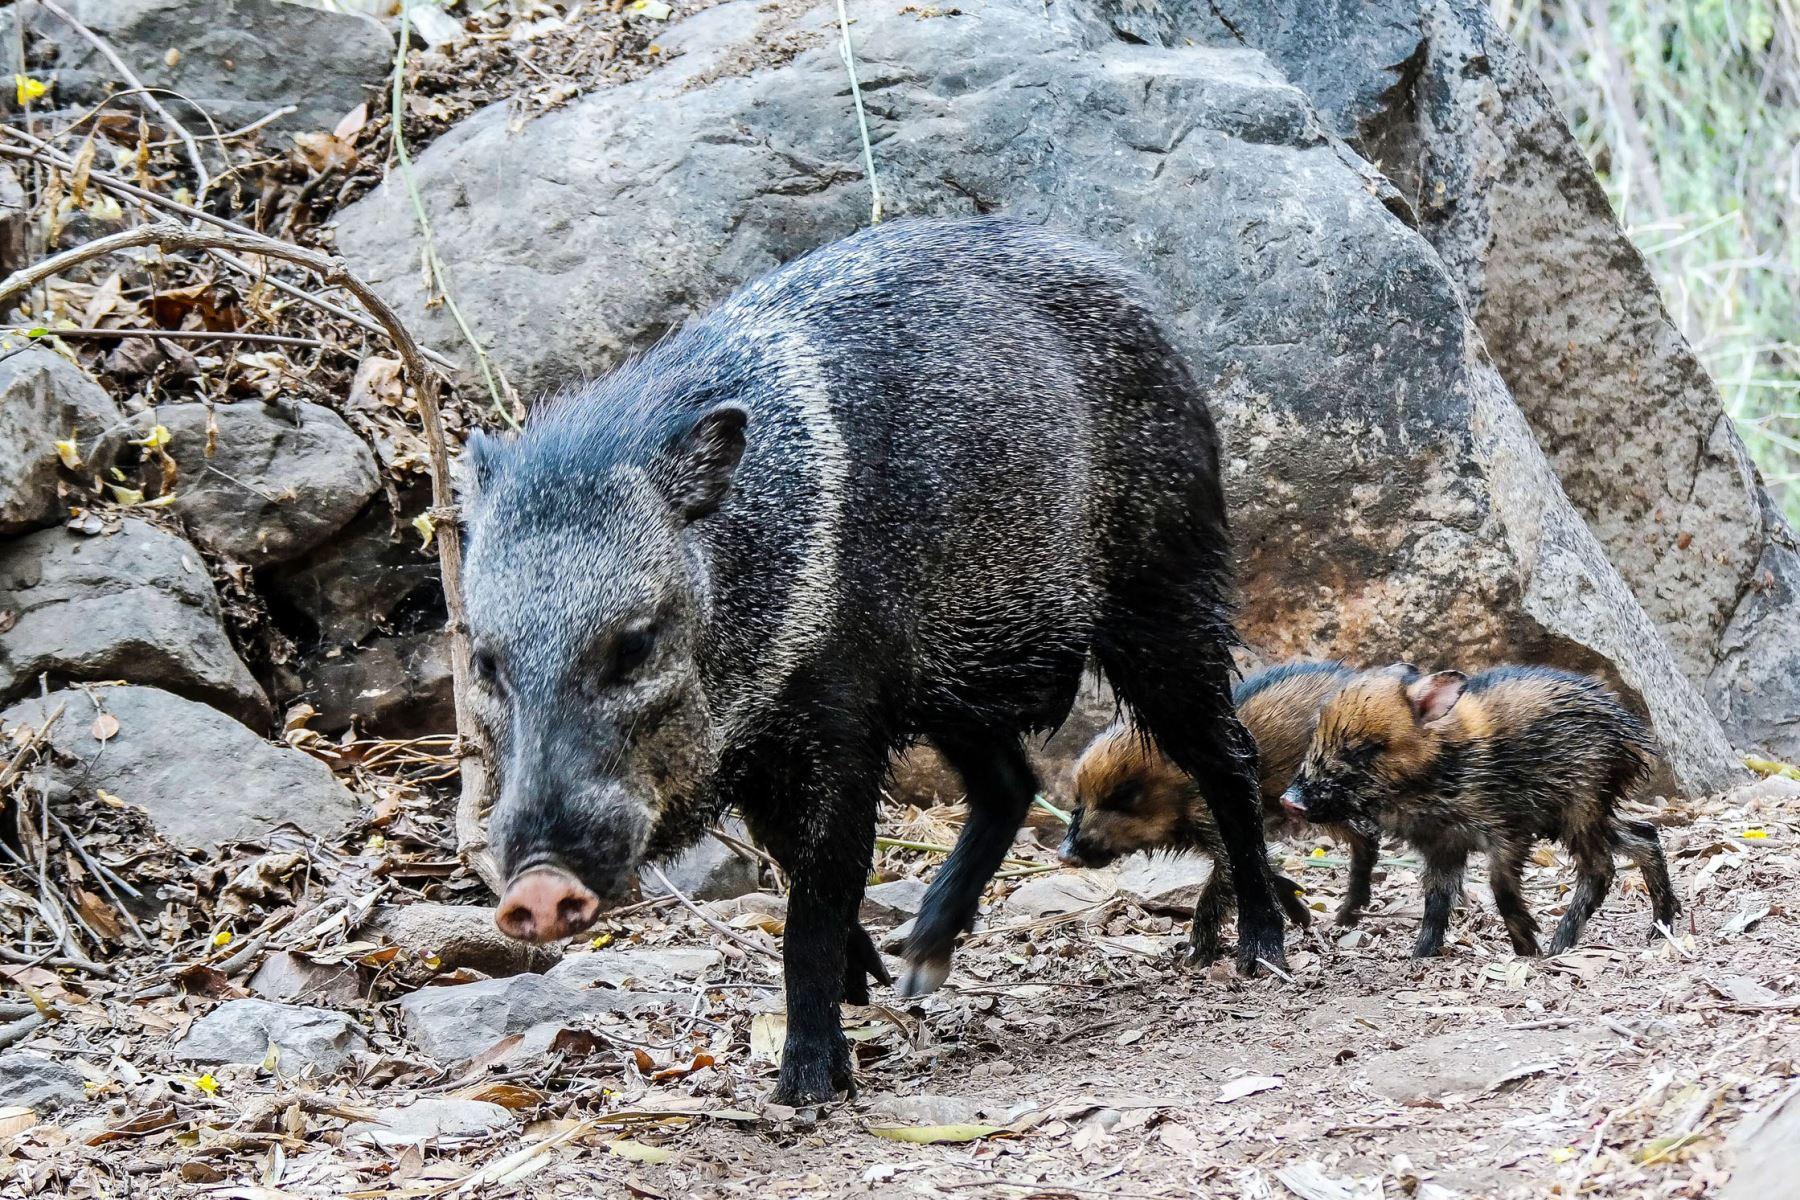 Sajino o Pecarí de Collar (Tayassu tajacu), es un cerdo silvestre frecuente en la reserva y muy común en la Amazonía peruana. Normalmente se le ve en pequeños grupos de hasta 20 individuos. Foto: Heinz Plenge